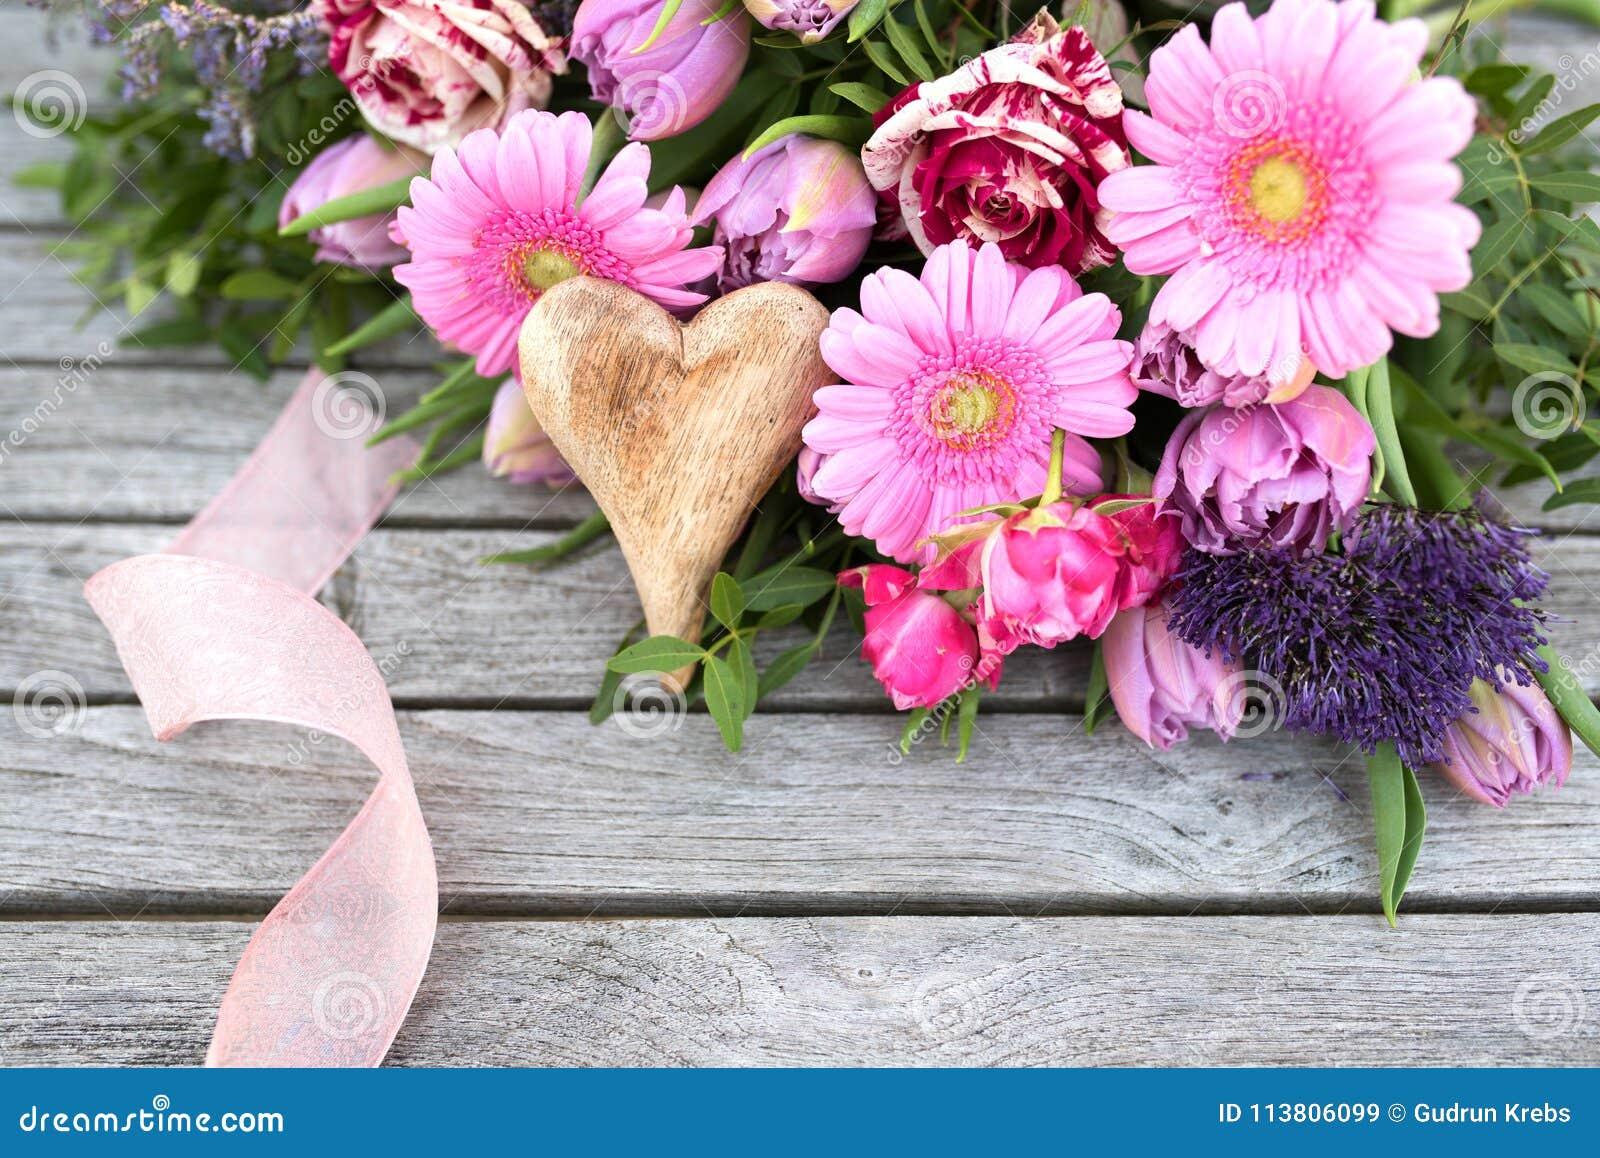 El Arreglo Floral Con La Primavera Florece Para El Día De